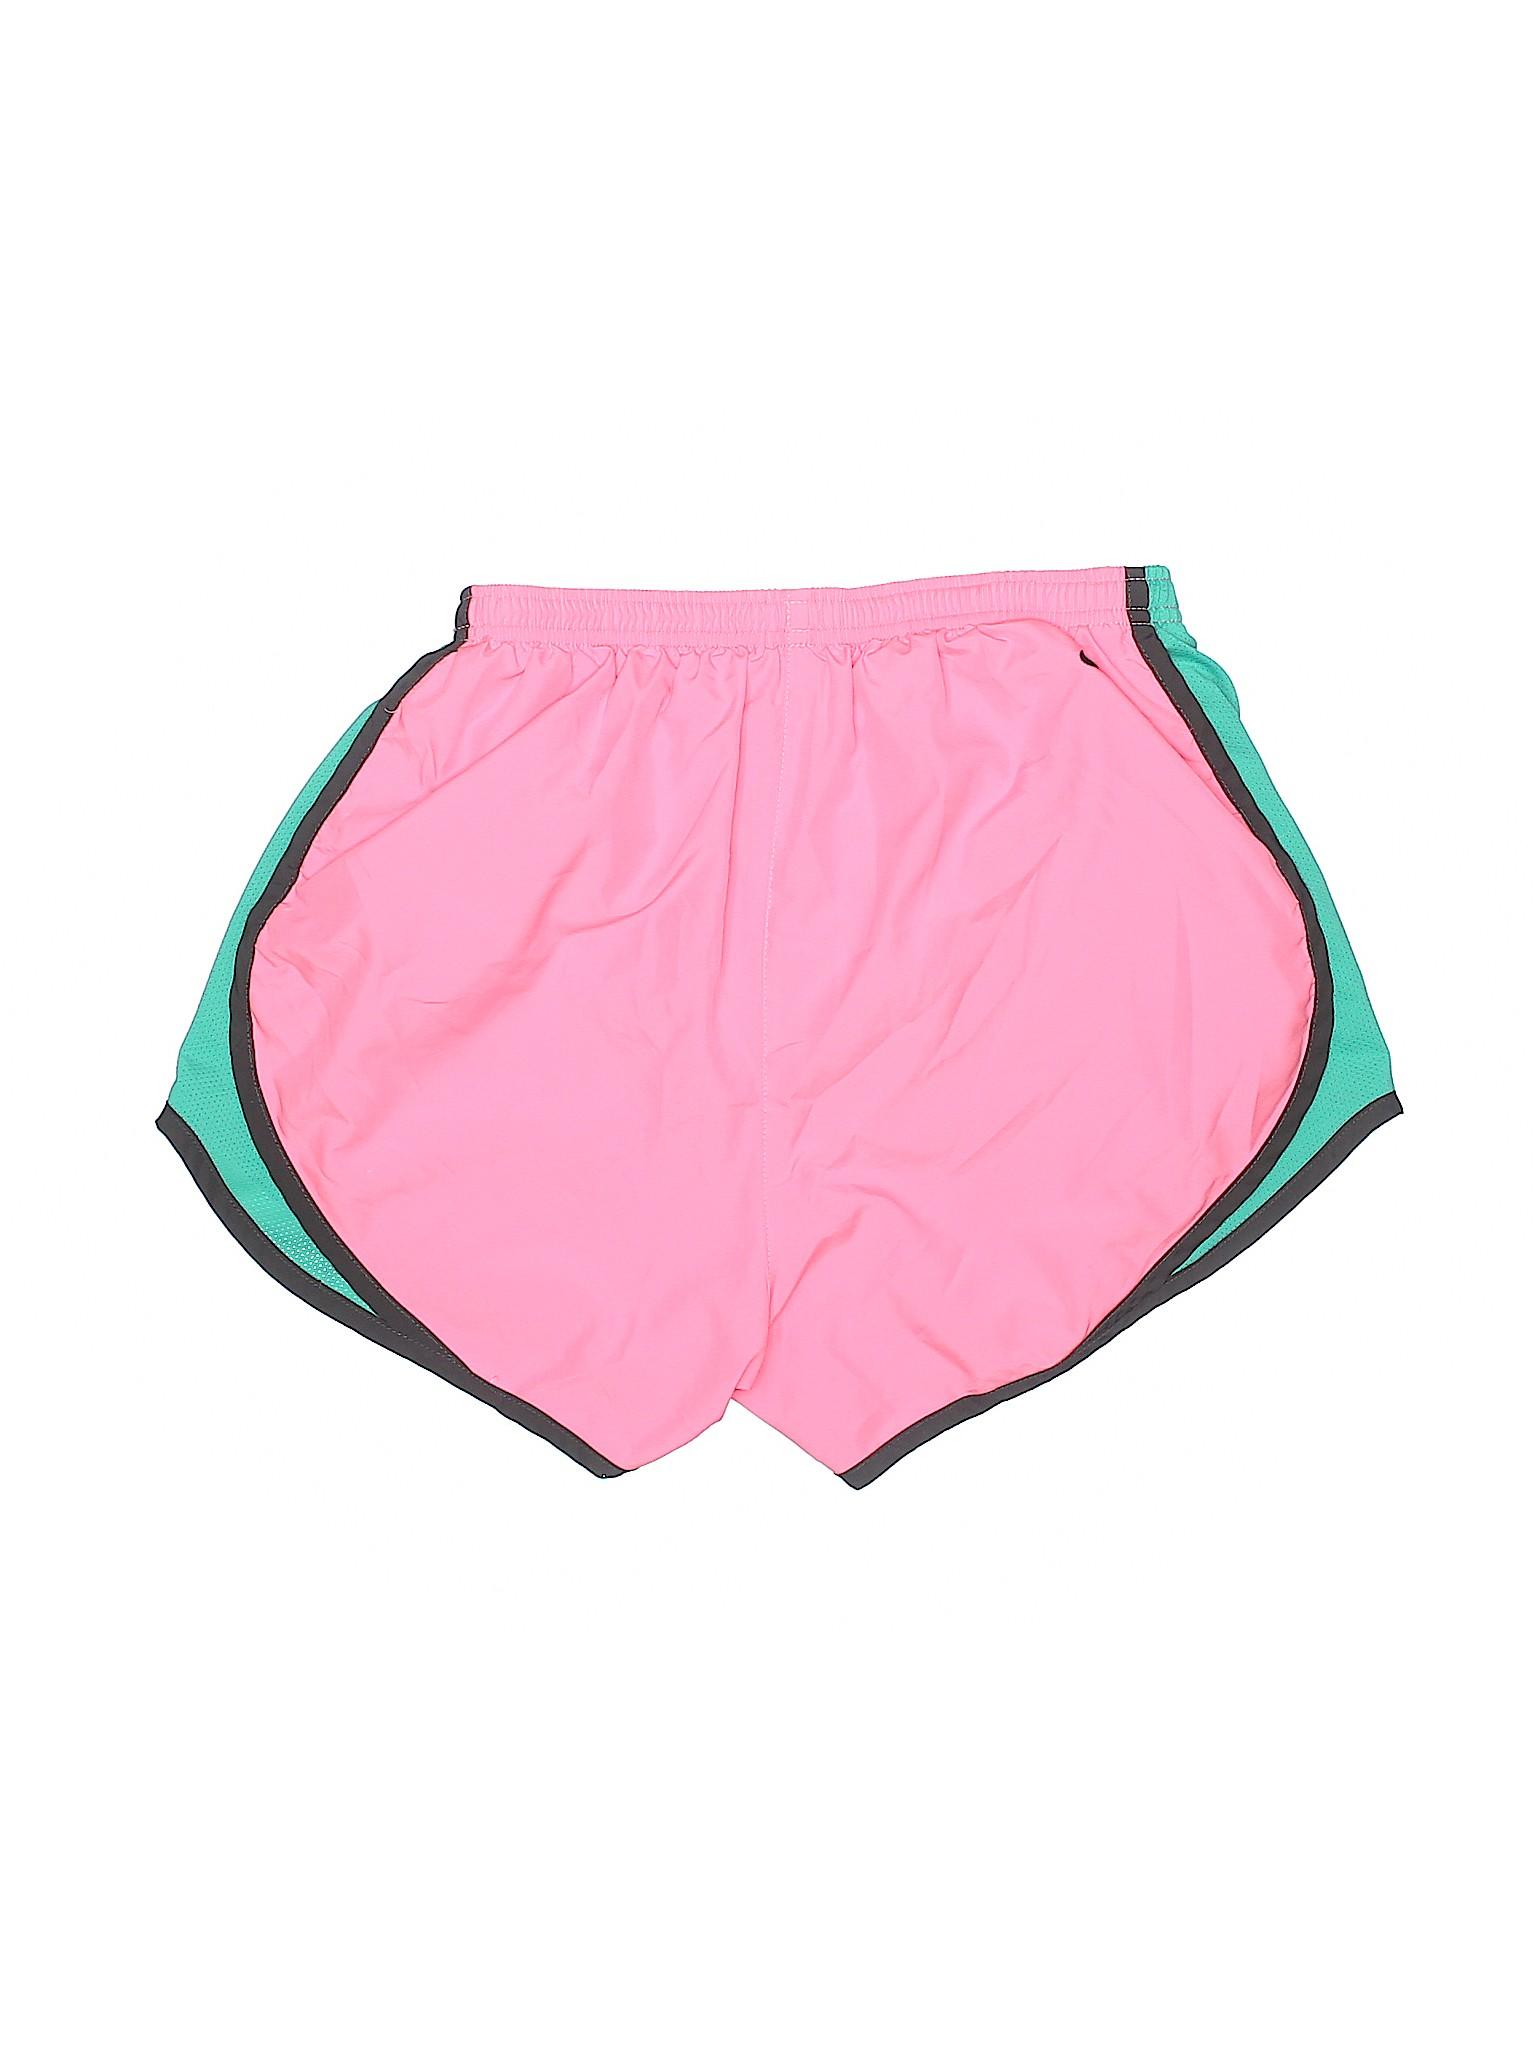 Athletic Athletic Nike Boutique Shorts Boutique Nike w8SaqZw